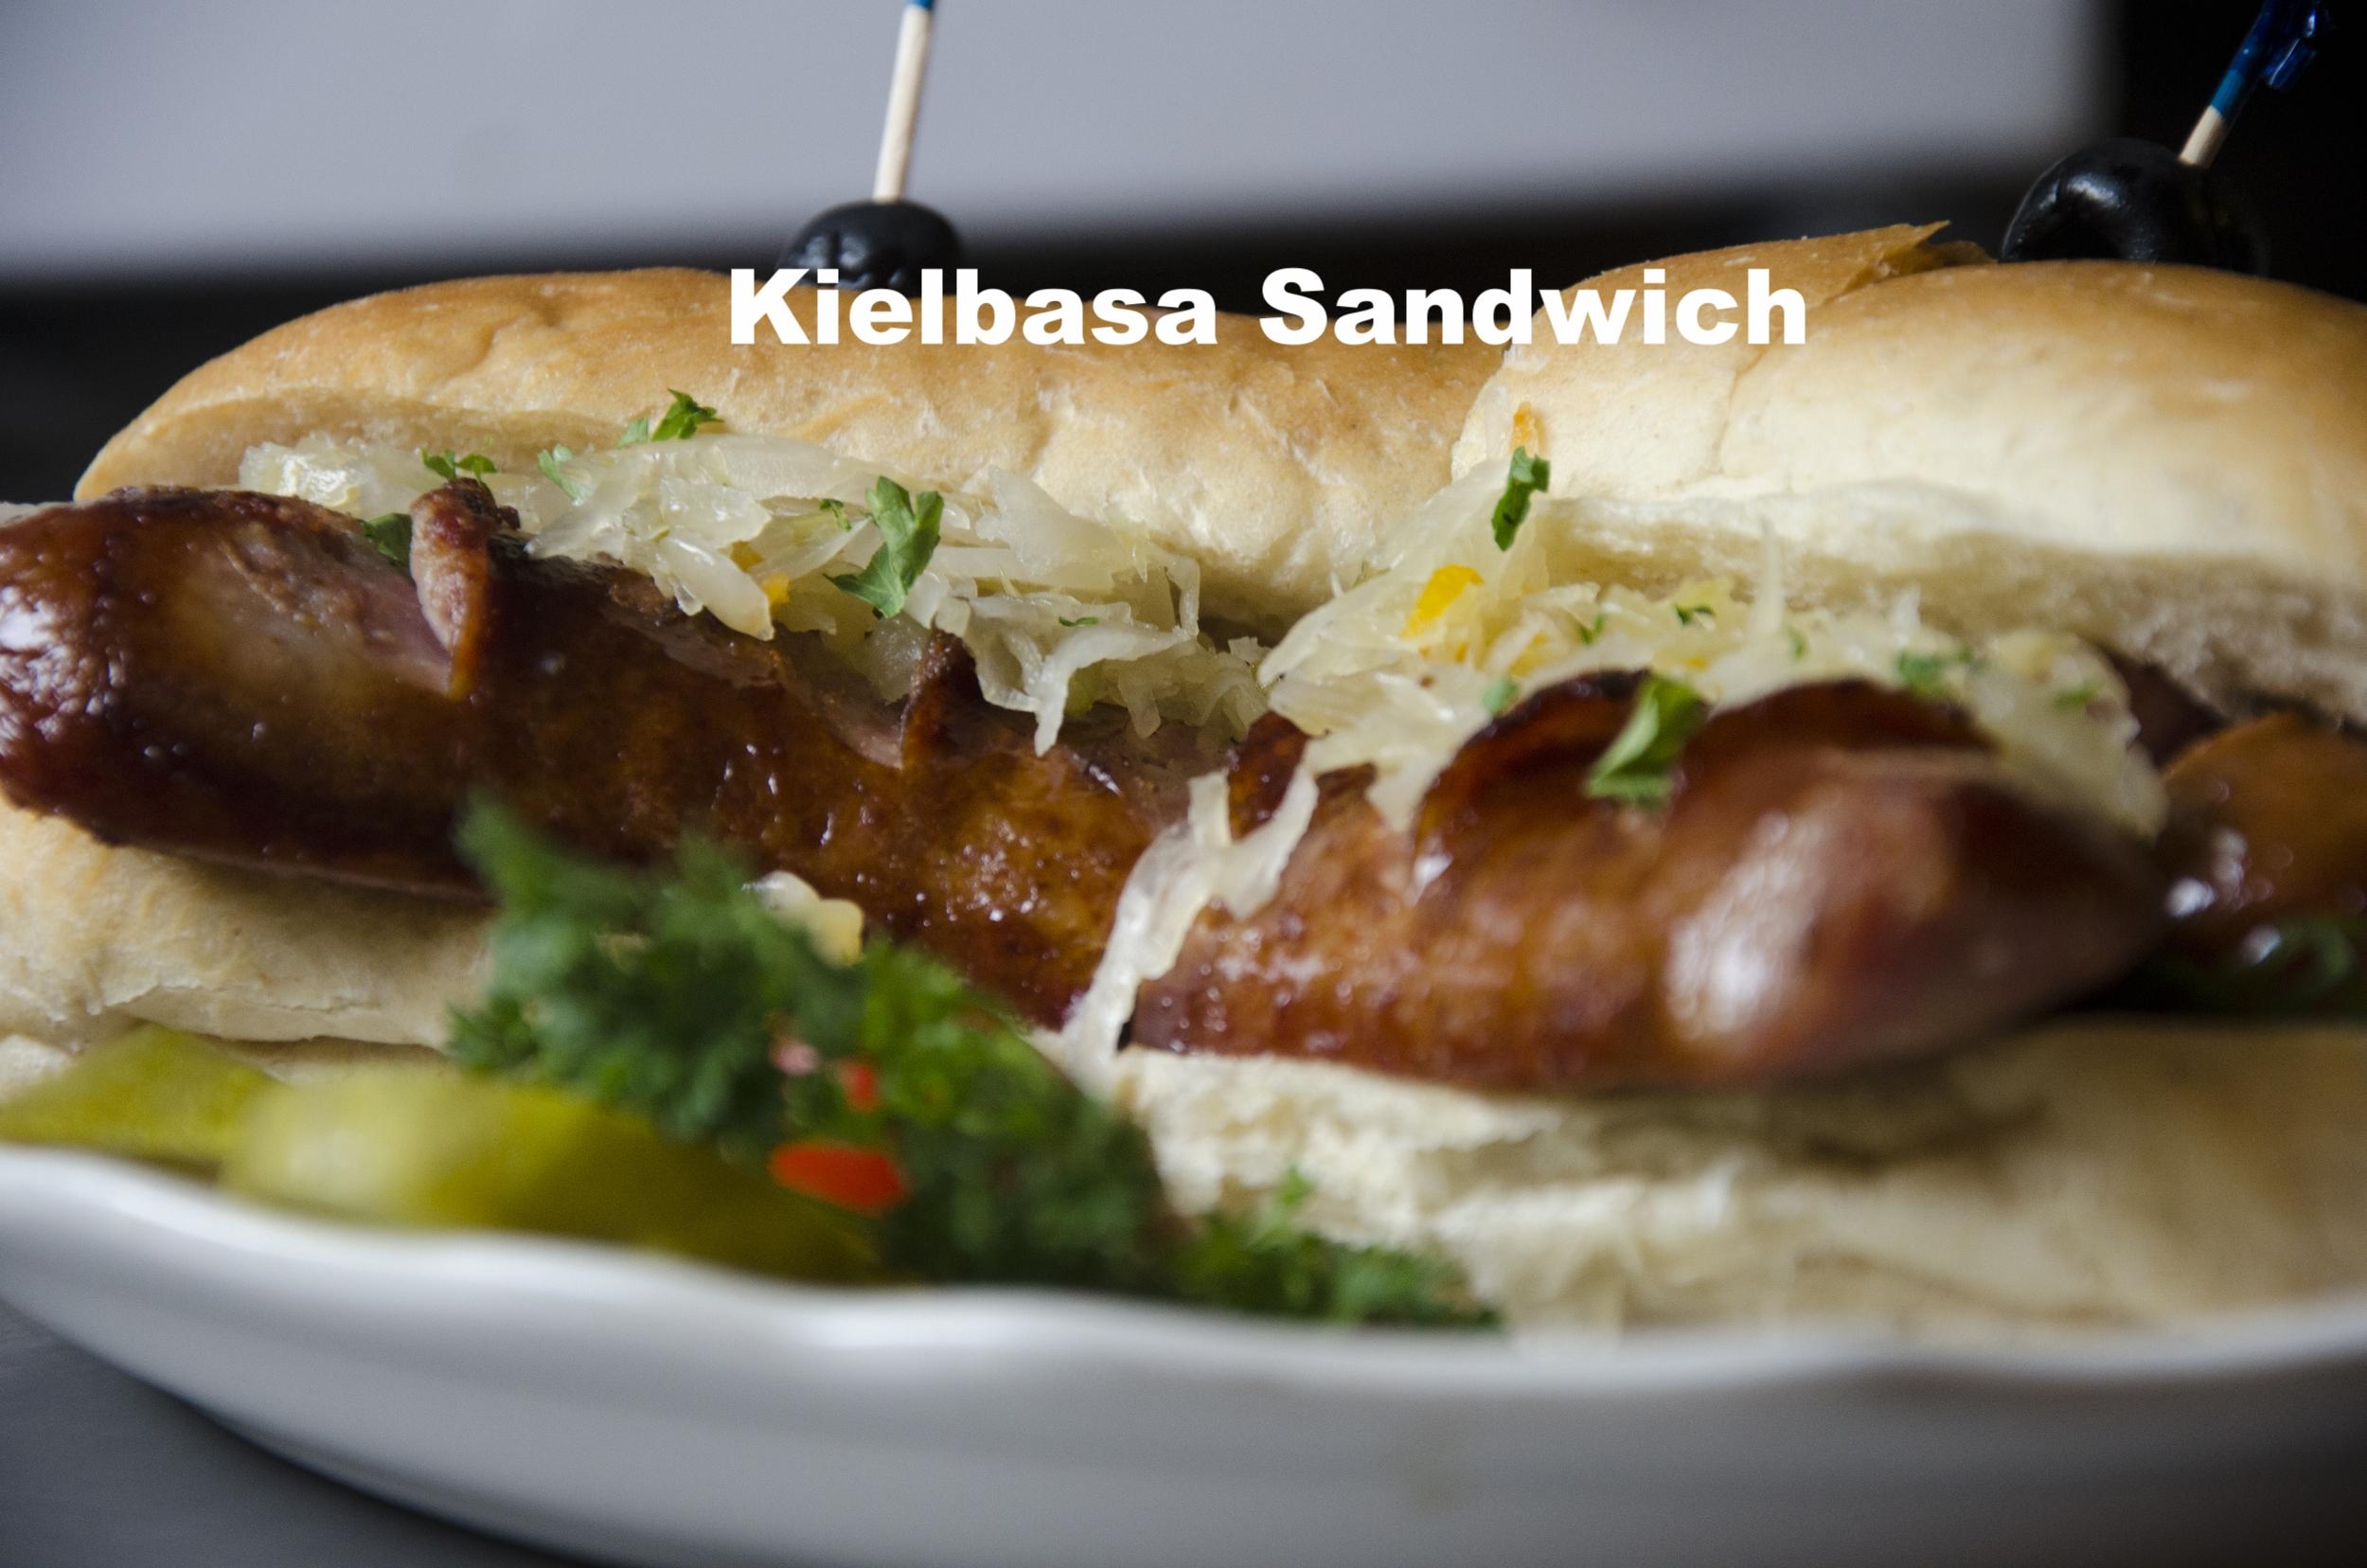 Food - Kilbasa Sandwich - Landscape.jpg